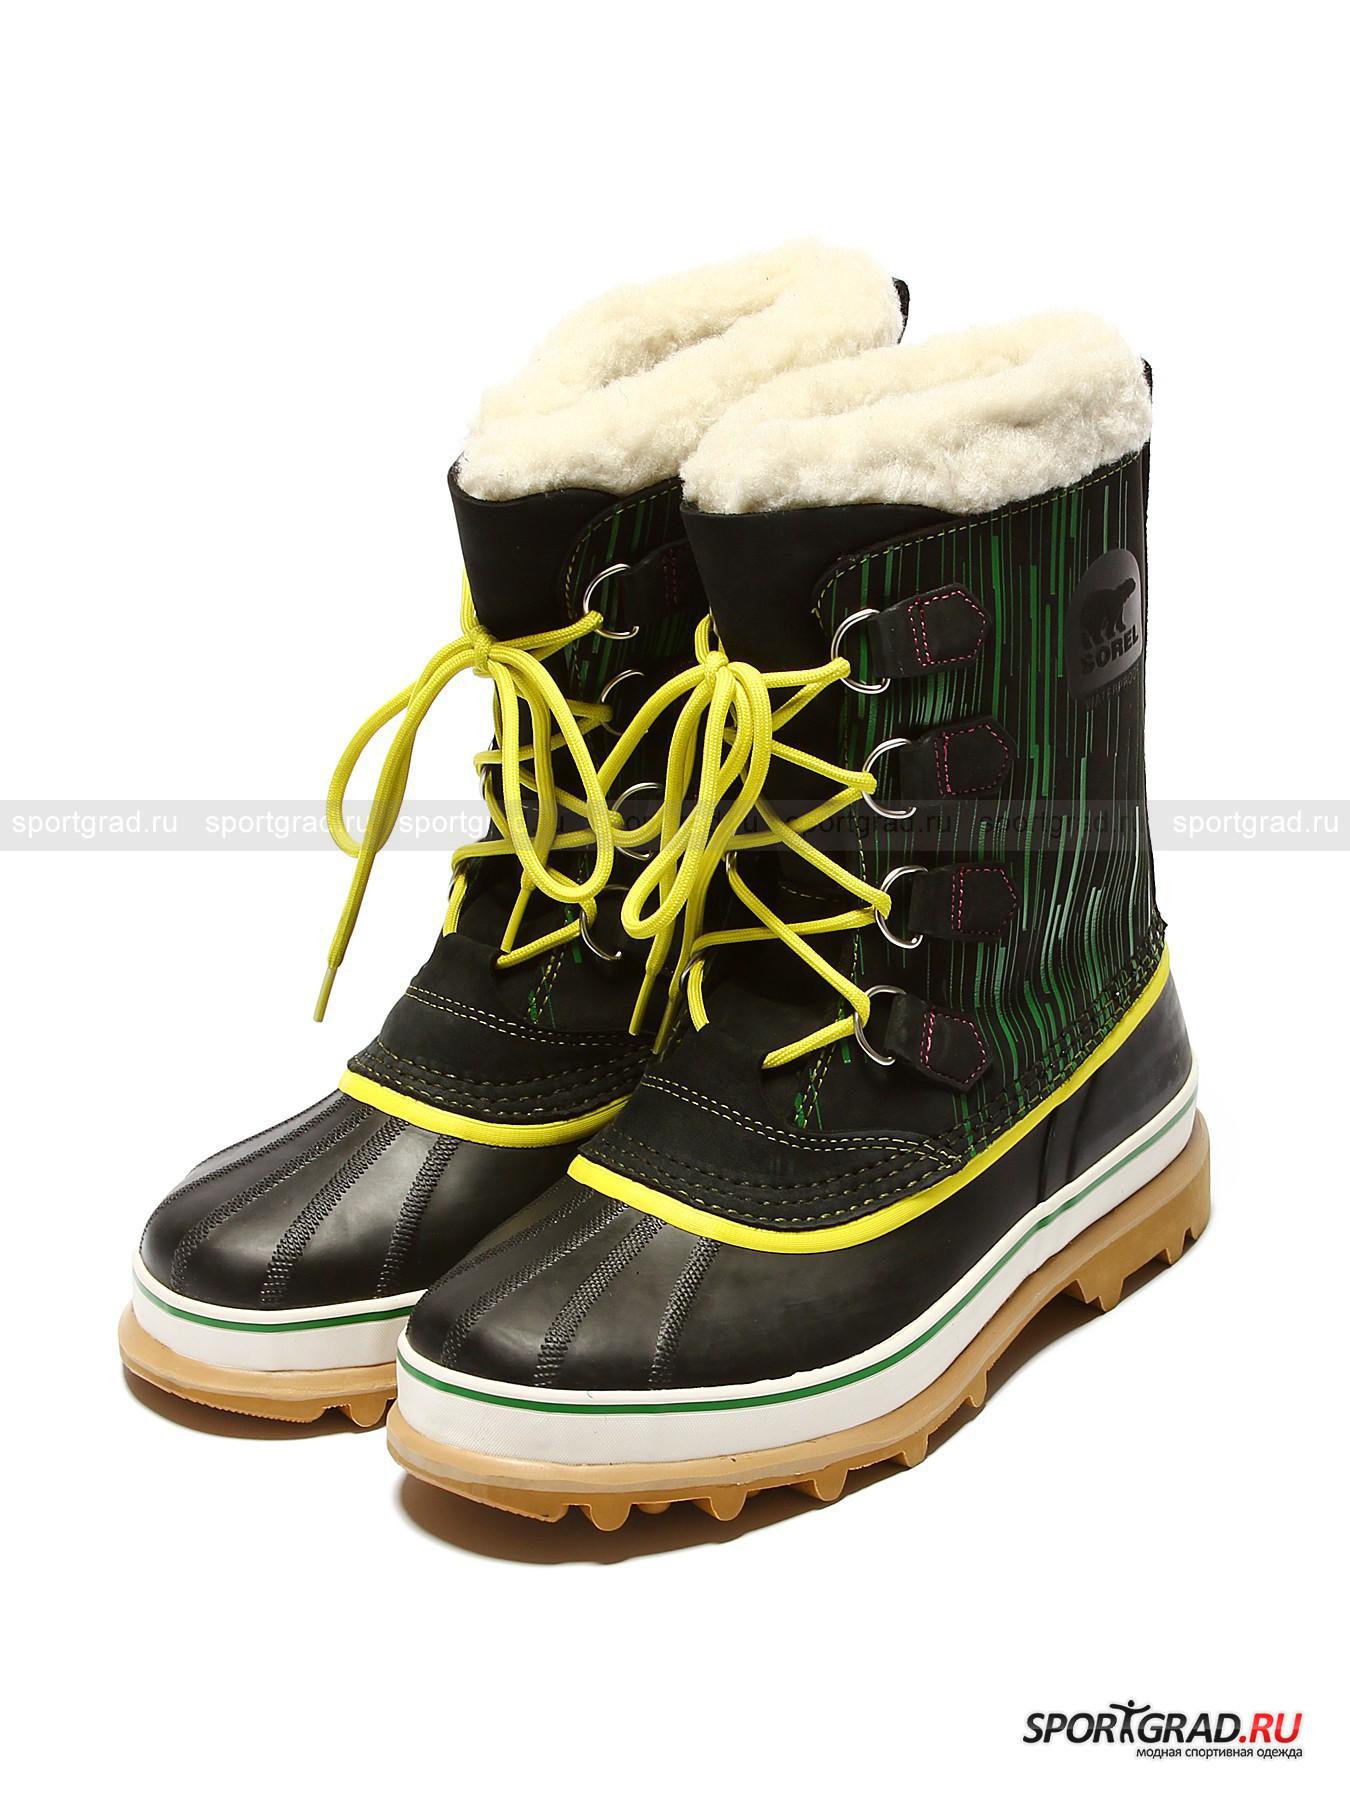 Ботинки мужские для города Caribou SORELБотинки<br>Ботинки мужские для города Caribou SOREL – удобная обувь отменного качества, хорошо известная среди любителей активного отдыха. Ботинки подойдут и для носки в городе во время очень холодной зимней погоды, а также защитят от неизбежной в больших городах слякоти. Нижняя часть обуви изготовлена из резины, верхняя часть - из водонепроницаемого нубука с графической печатью, а литая нескользящая подошва SOREL Aero-Trac – из вулканизированной резины ручной работы, главные преимущества которой – долговечность и устойчивость к истиранию, а также способность сохранять свою гибкость при температуре до -40С.  Съемная теплоизолирующая прокладка Thermoplus в виде внутреннего сапожка толщиной 9 мм позволит Вашим ногам всегда быть в тепле и сухости. Кроме того, ее всегда можно достать и постирать при необходимости.<br><br>Пол: Мужской<br>Возраст: Взрослый<br>Тип: Ботинки<br>Состав: Верх: натуральная кожа, резина. Внутренняя часть: текстиль, синтетические материалы.  Подошва: резина